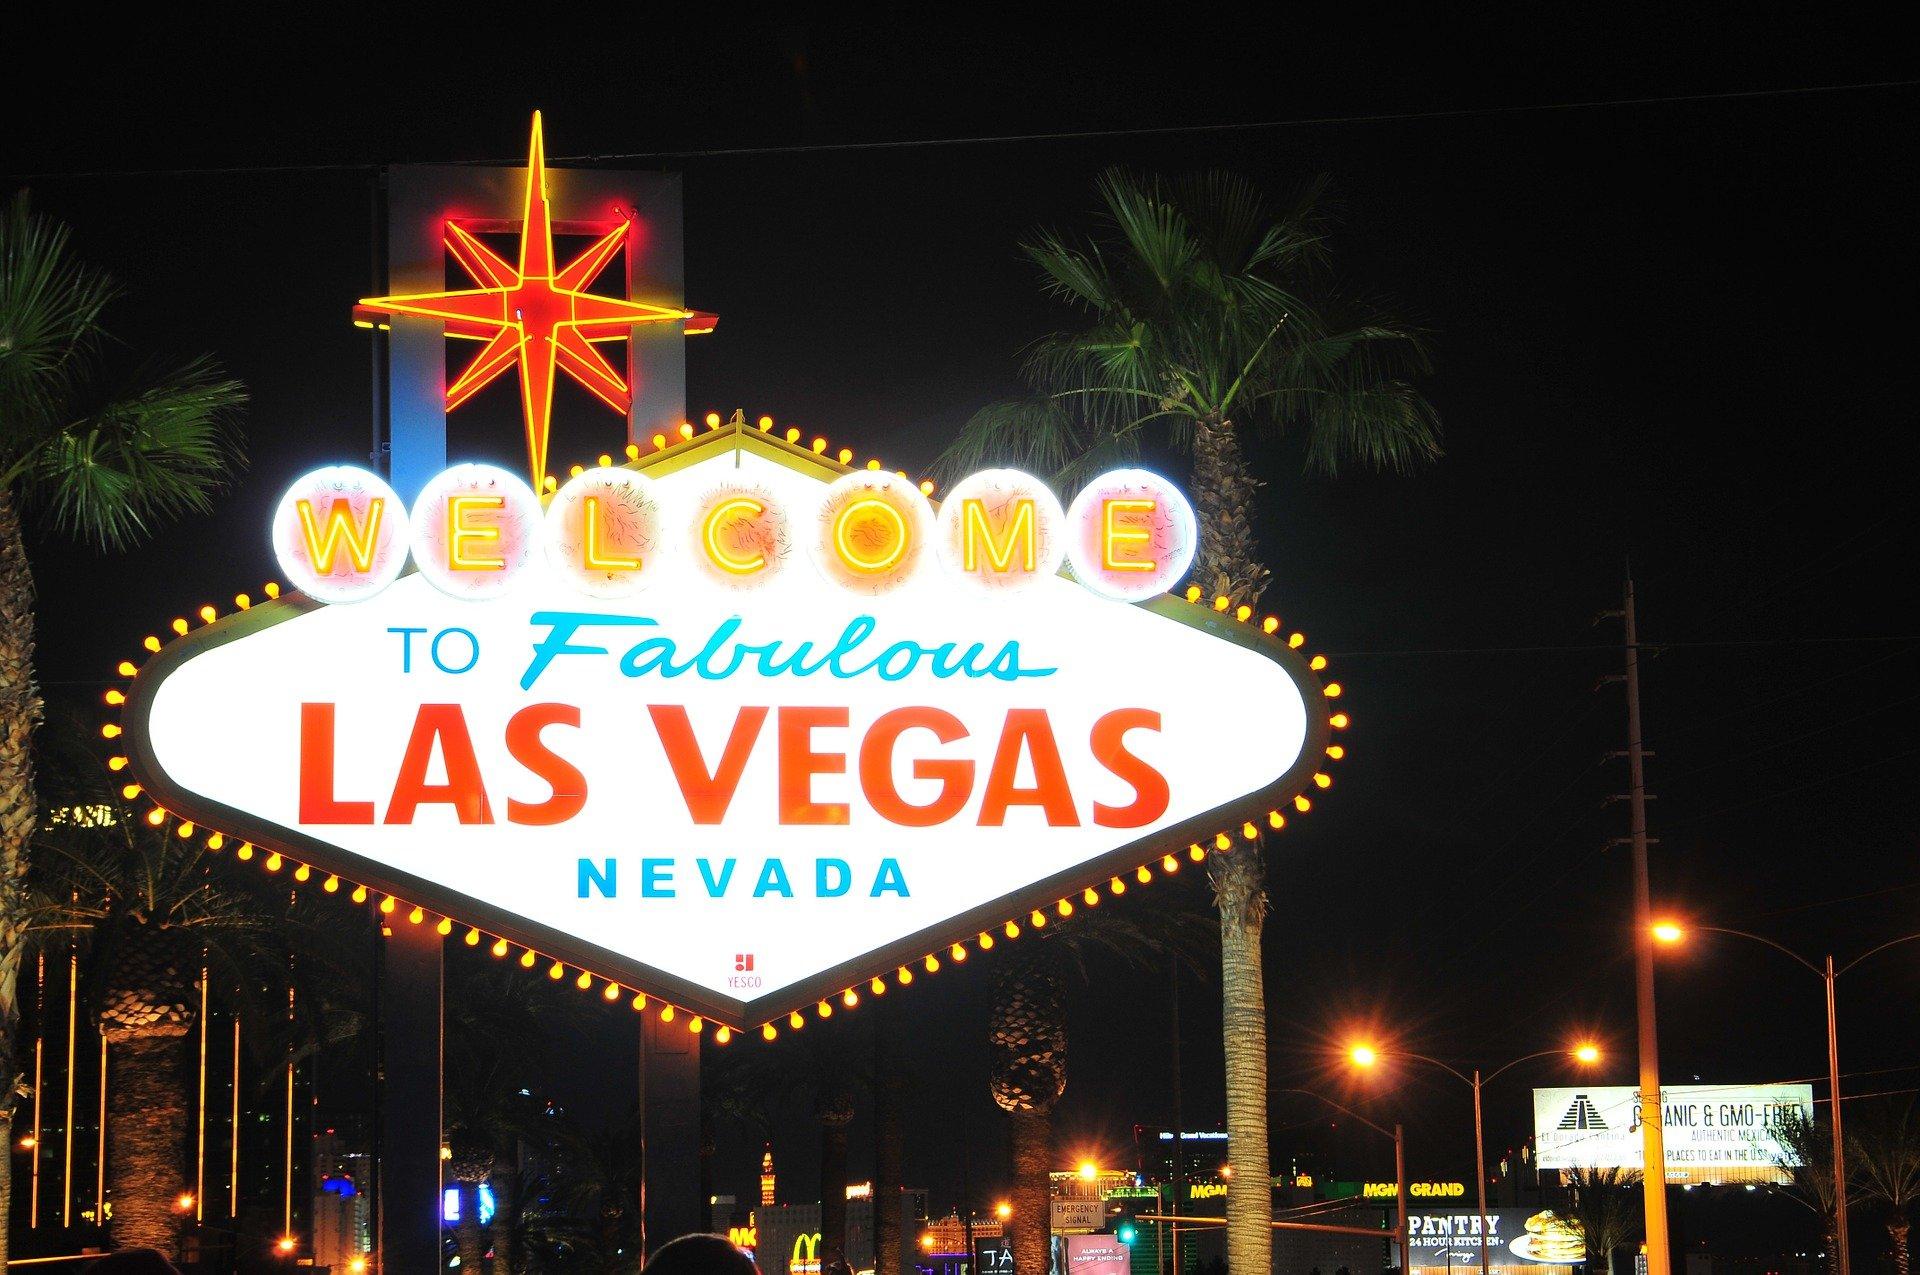 Las Vegas security guards